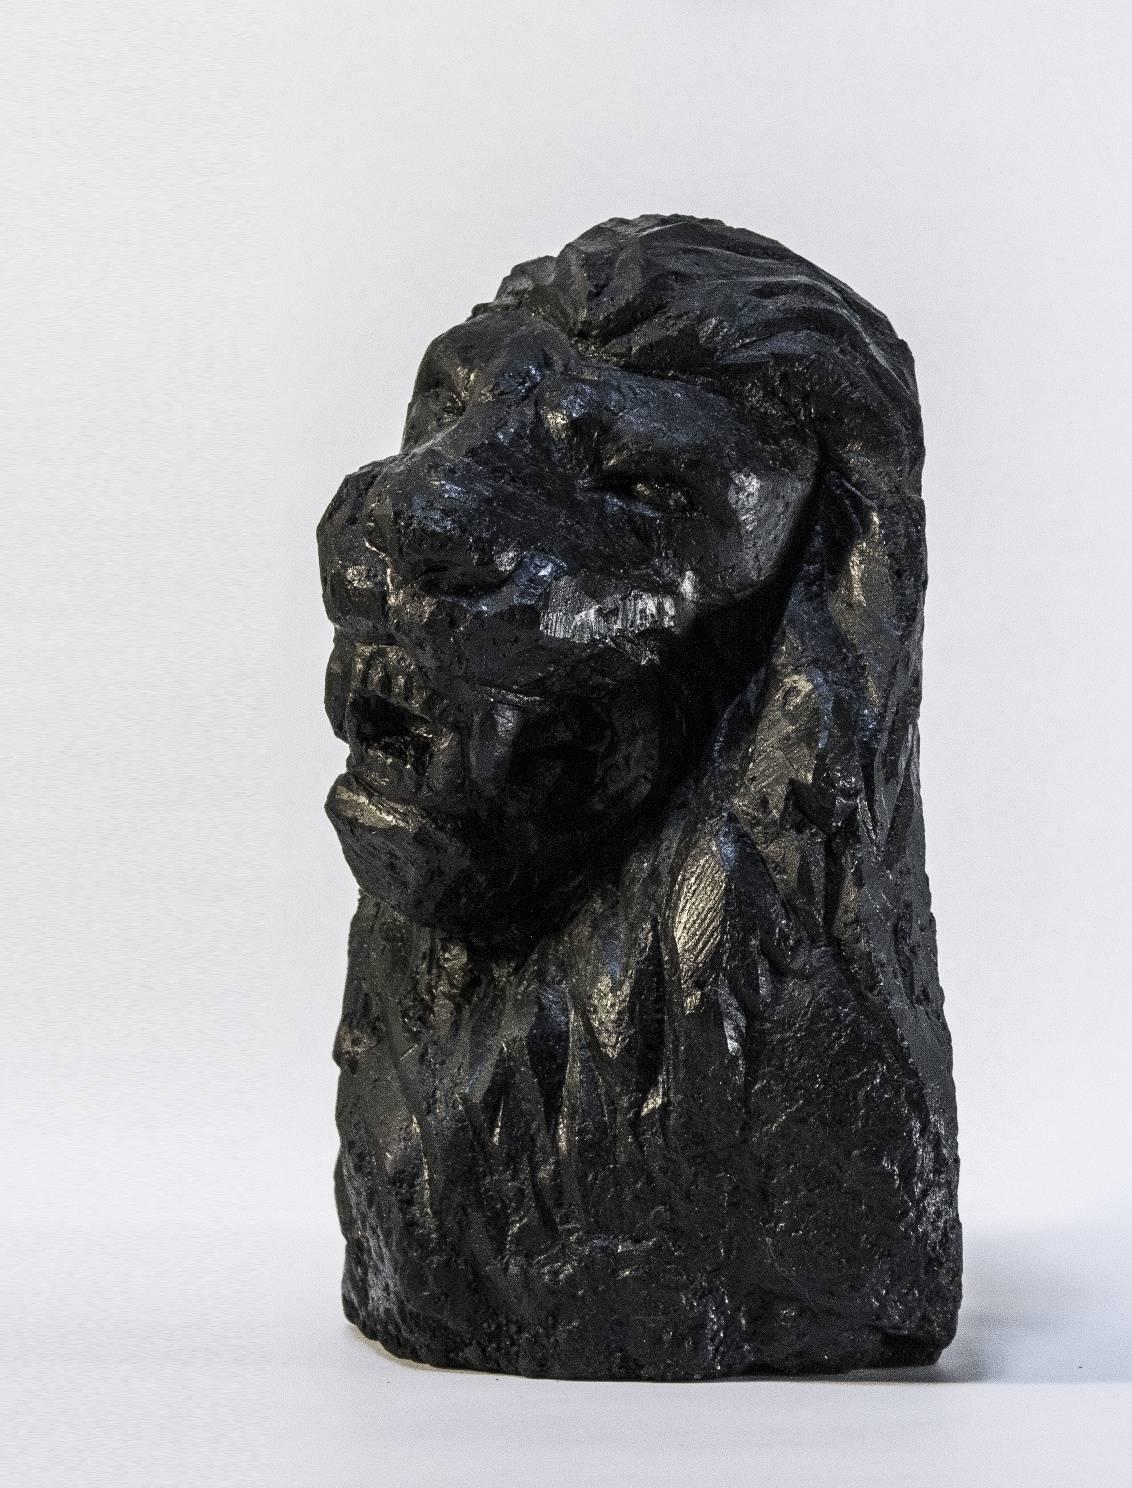 скульптура Лев. Материал каменный уголь